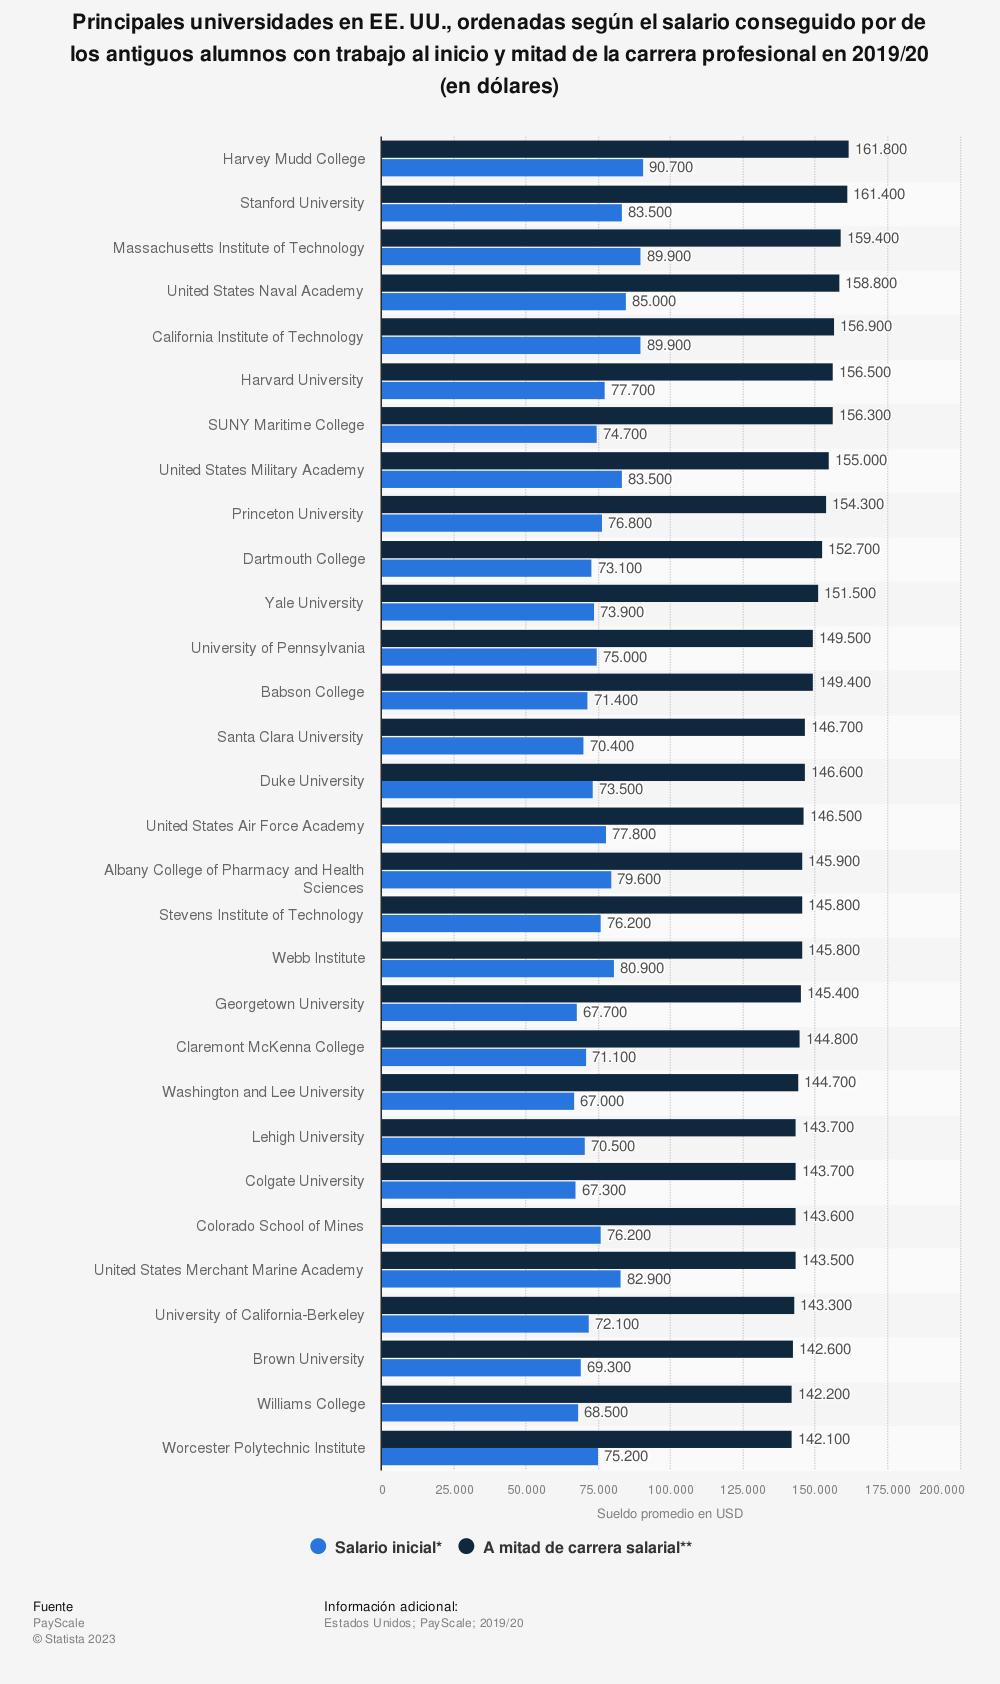 Estadística: Principales universidades en EE. UU., ordenadas según el salario conseguido por de los antiguos alumnos con trabajo al inicio y mitad de la carrera profesional  en 2019 (en dólares) | Statista